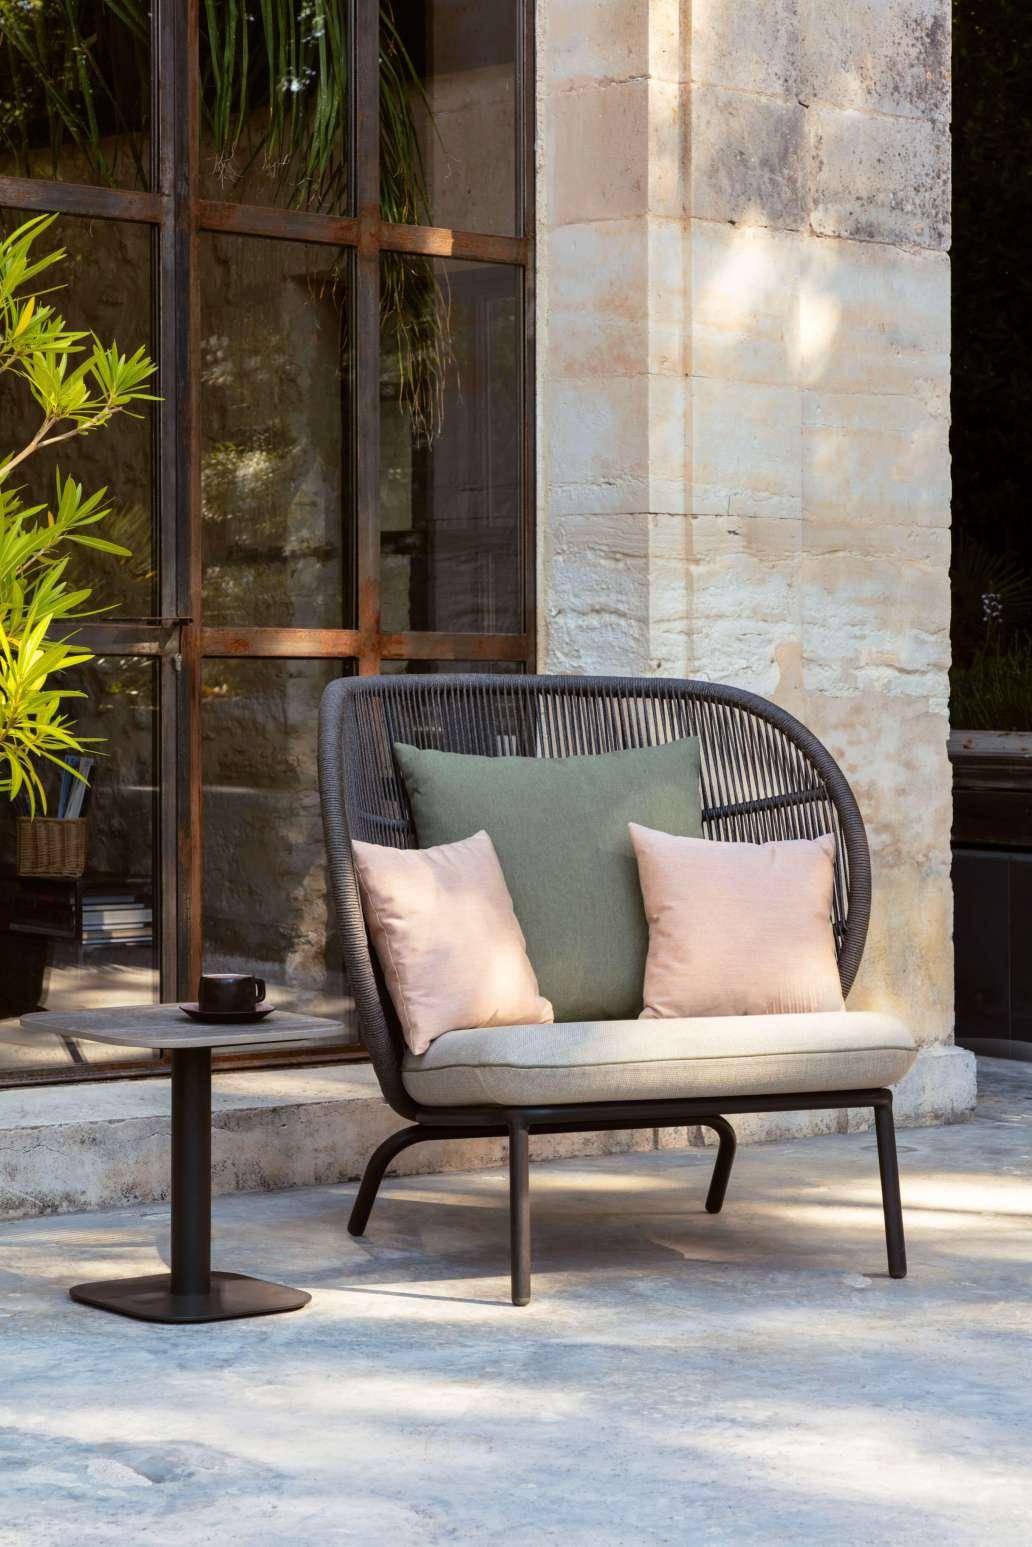 fauteuil rembourre kodo cocoon gris fossile beige vert madeindesign 335470 original 1366x2048 - L'éco-design : le nouveau visage du design